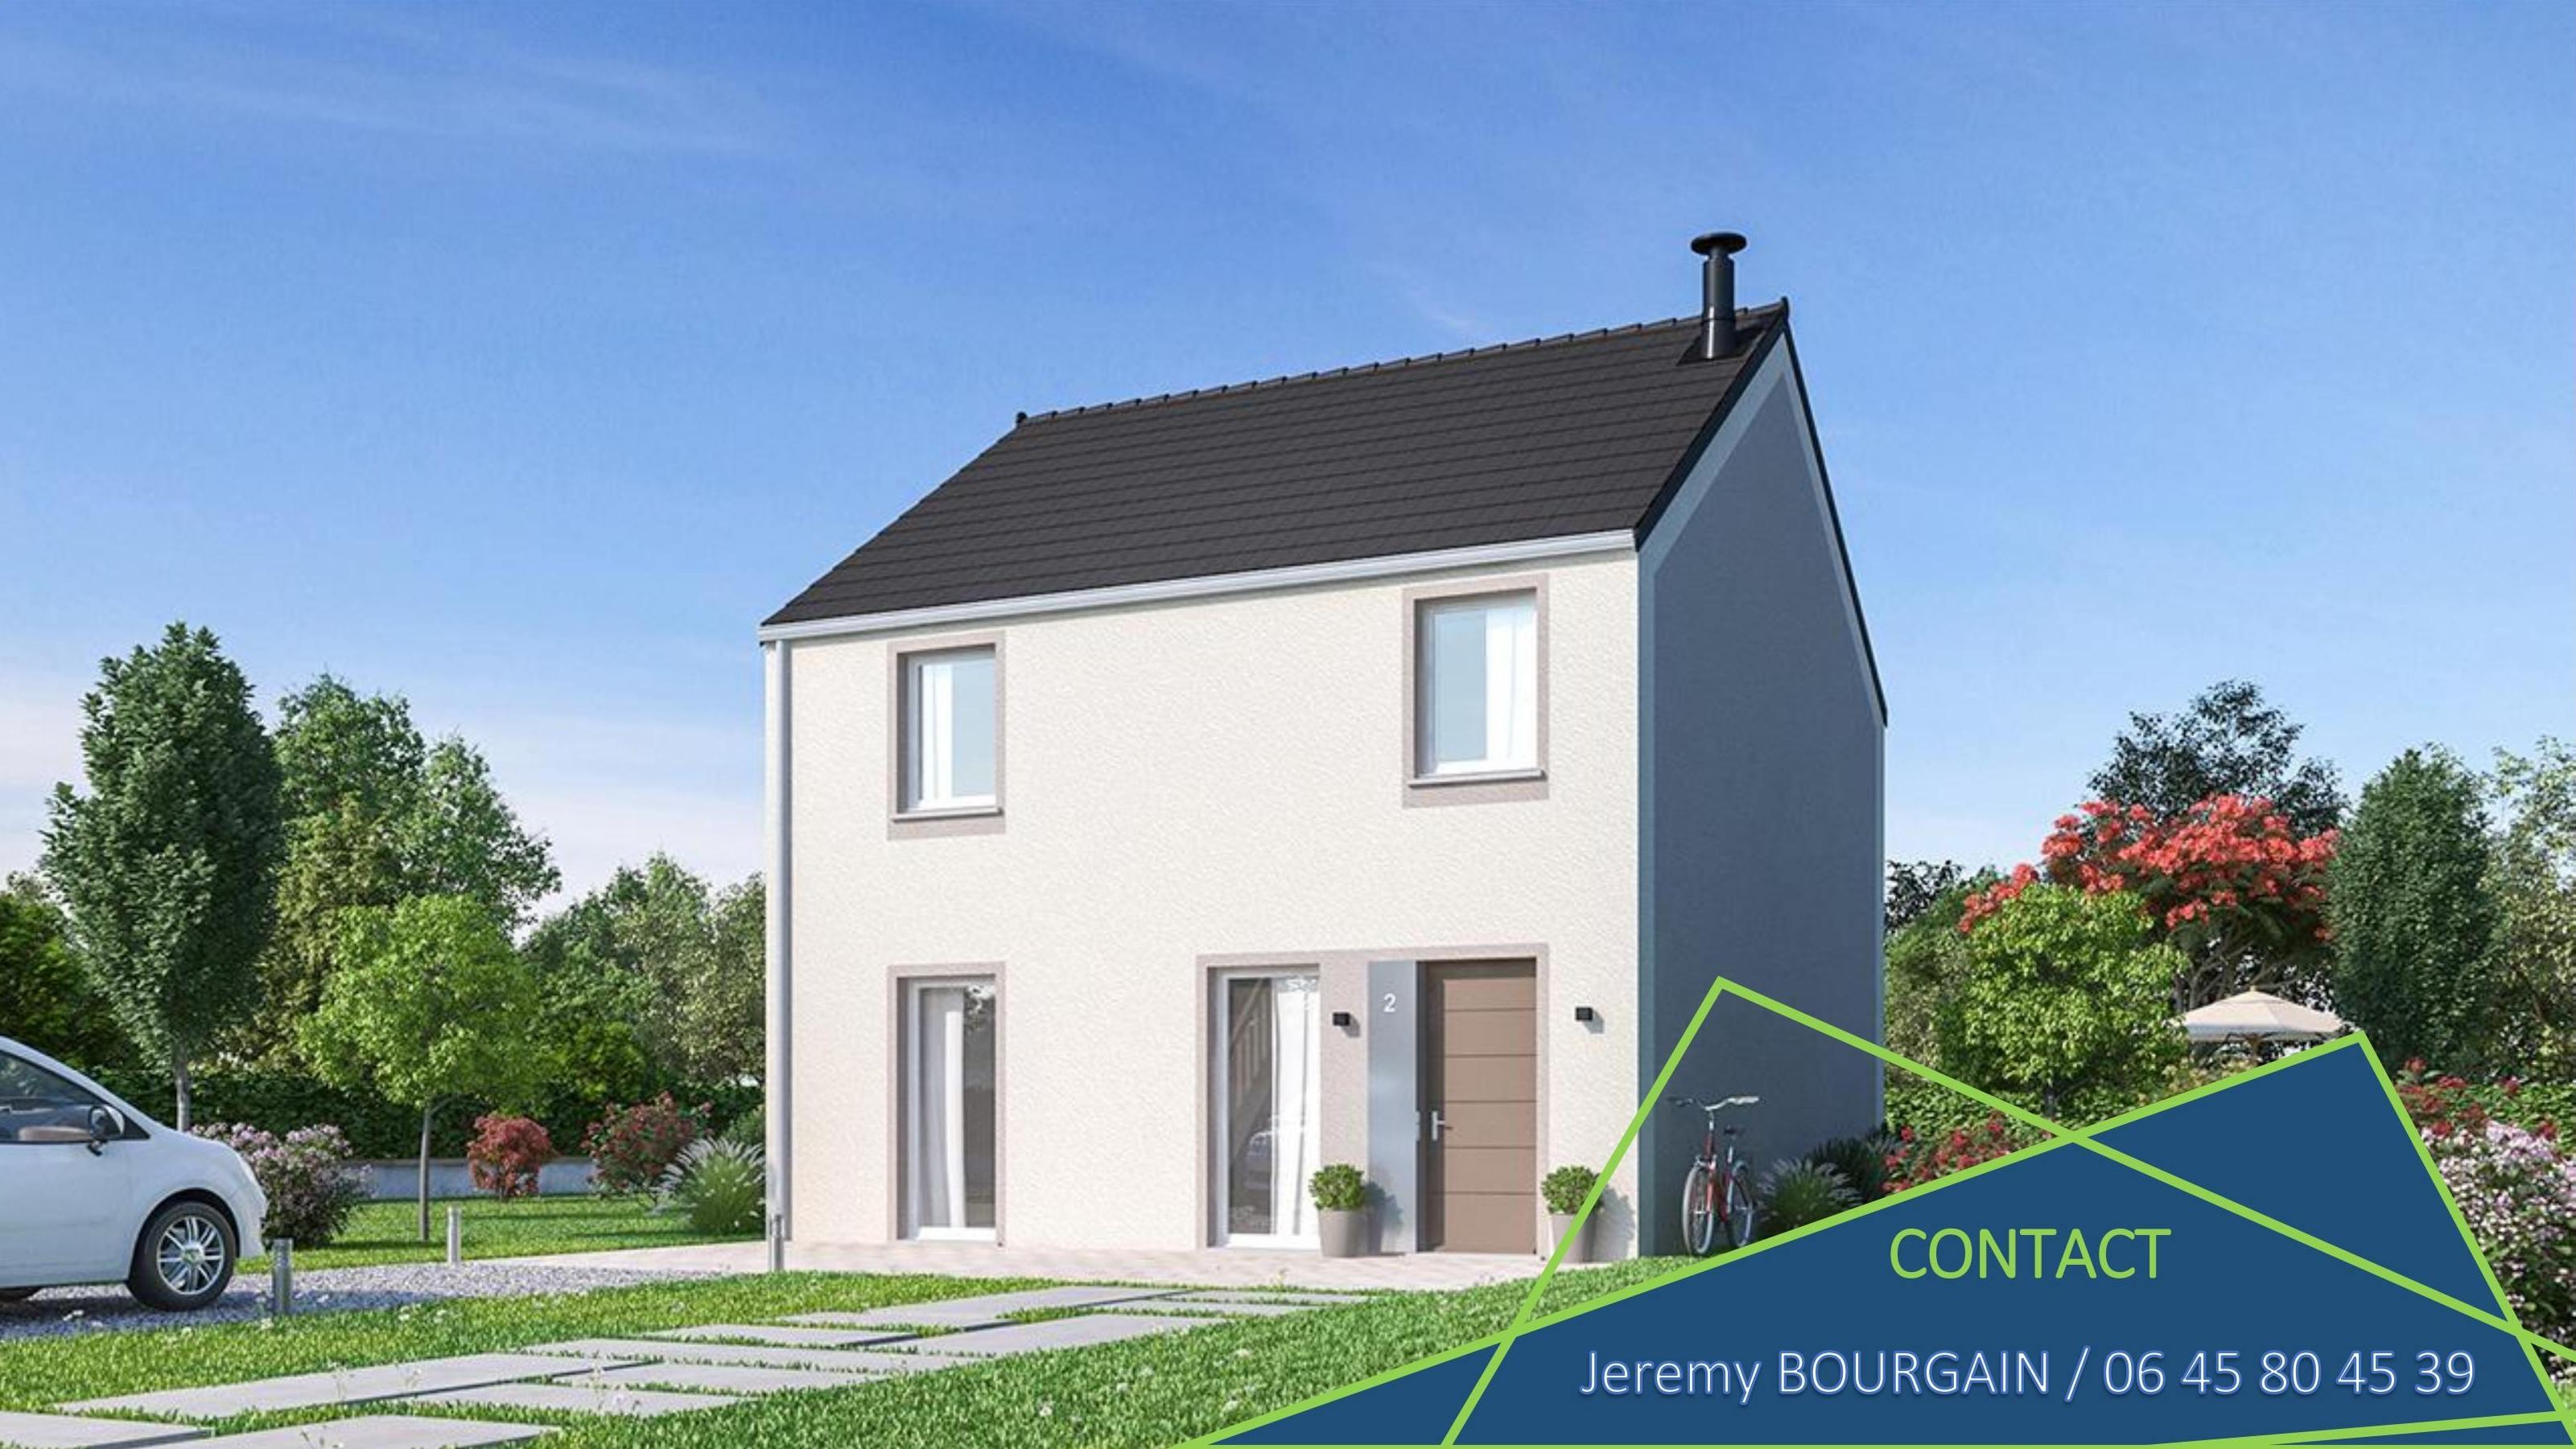 Maisons + Terrains du constructeur MAISONS PHENIX LEZENNES • 116 m² • ESTAIRES